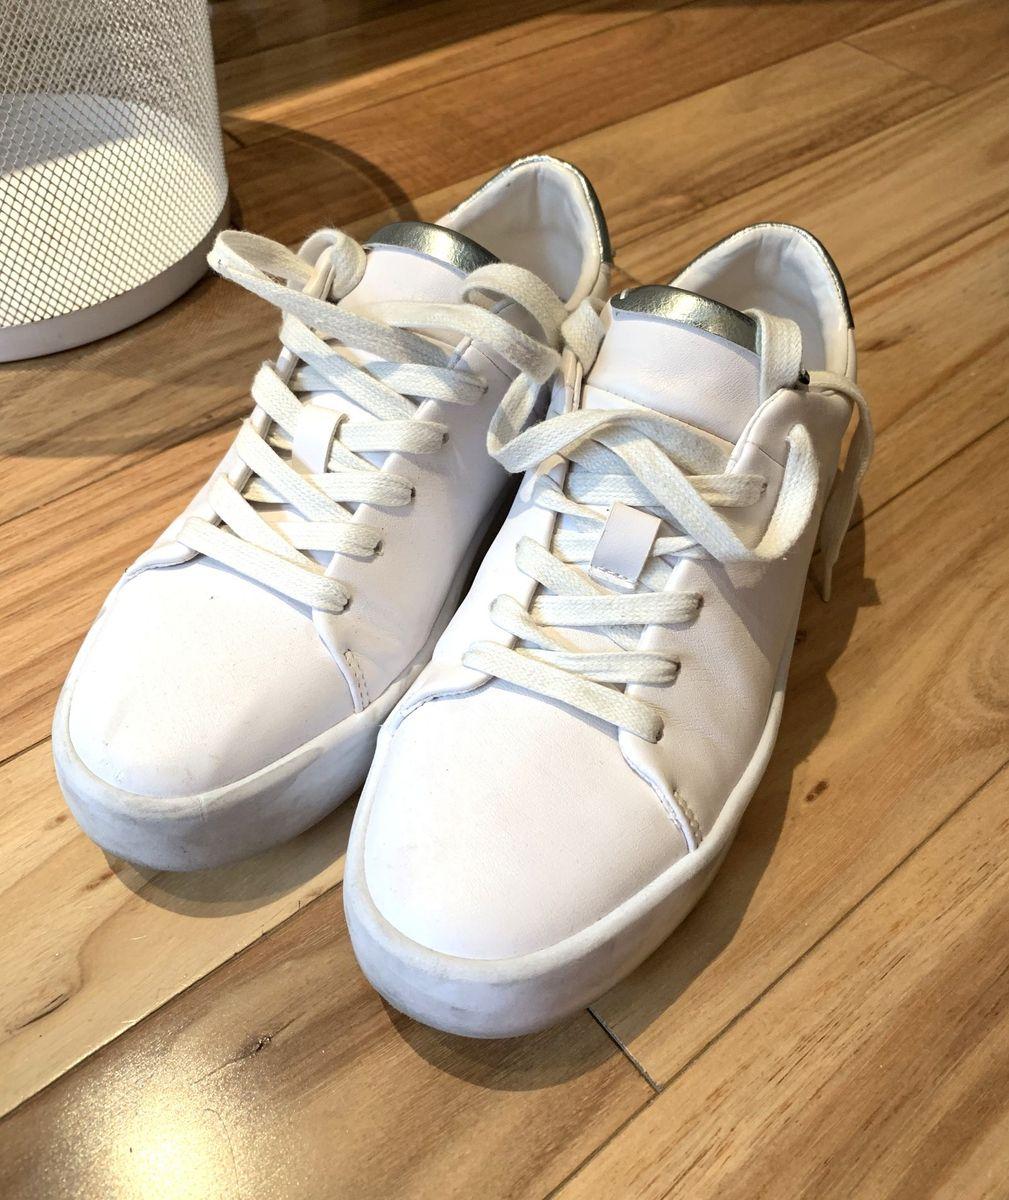 3c218870075 tenis branco zara - tênis zara.  Czm6ly9wag90b3muzw5qb2vplmnvbs5ici9wcm9kdwn0cy81oduzmdkvyzdhztk5ndk0zgnhyjkxyjqyzduwmmqwmde5mjdmmdquanbn  ...